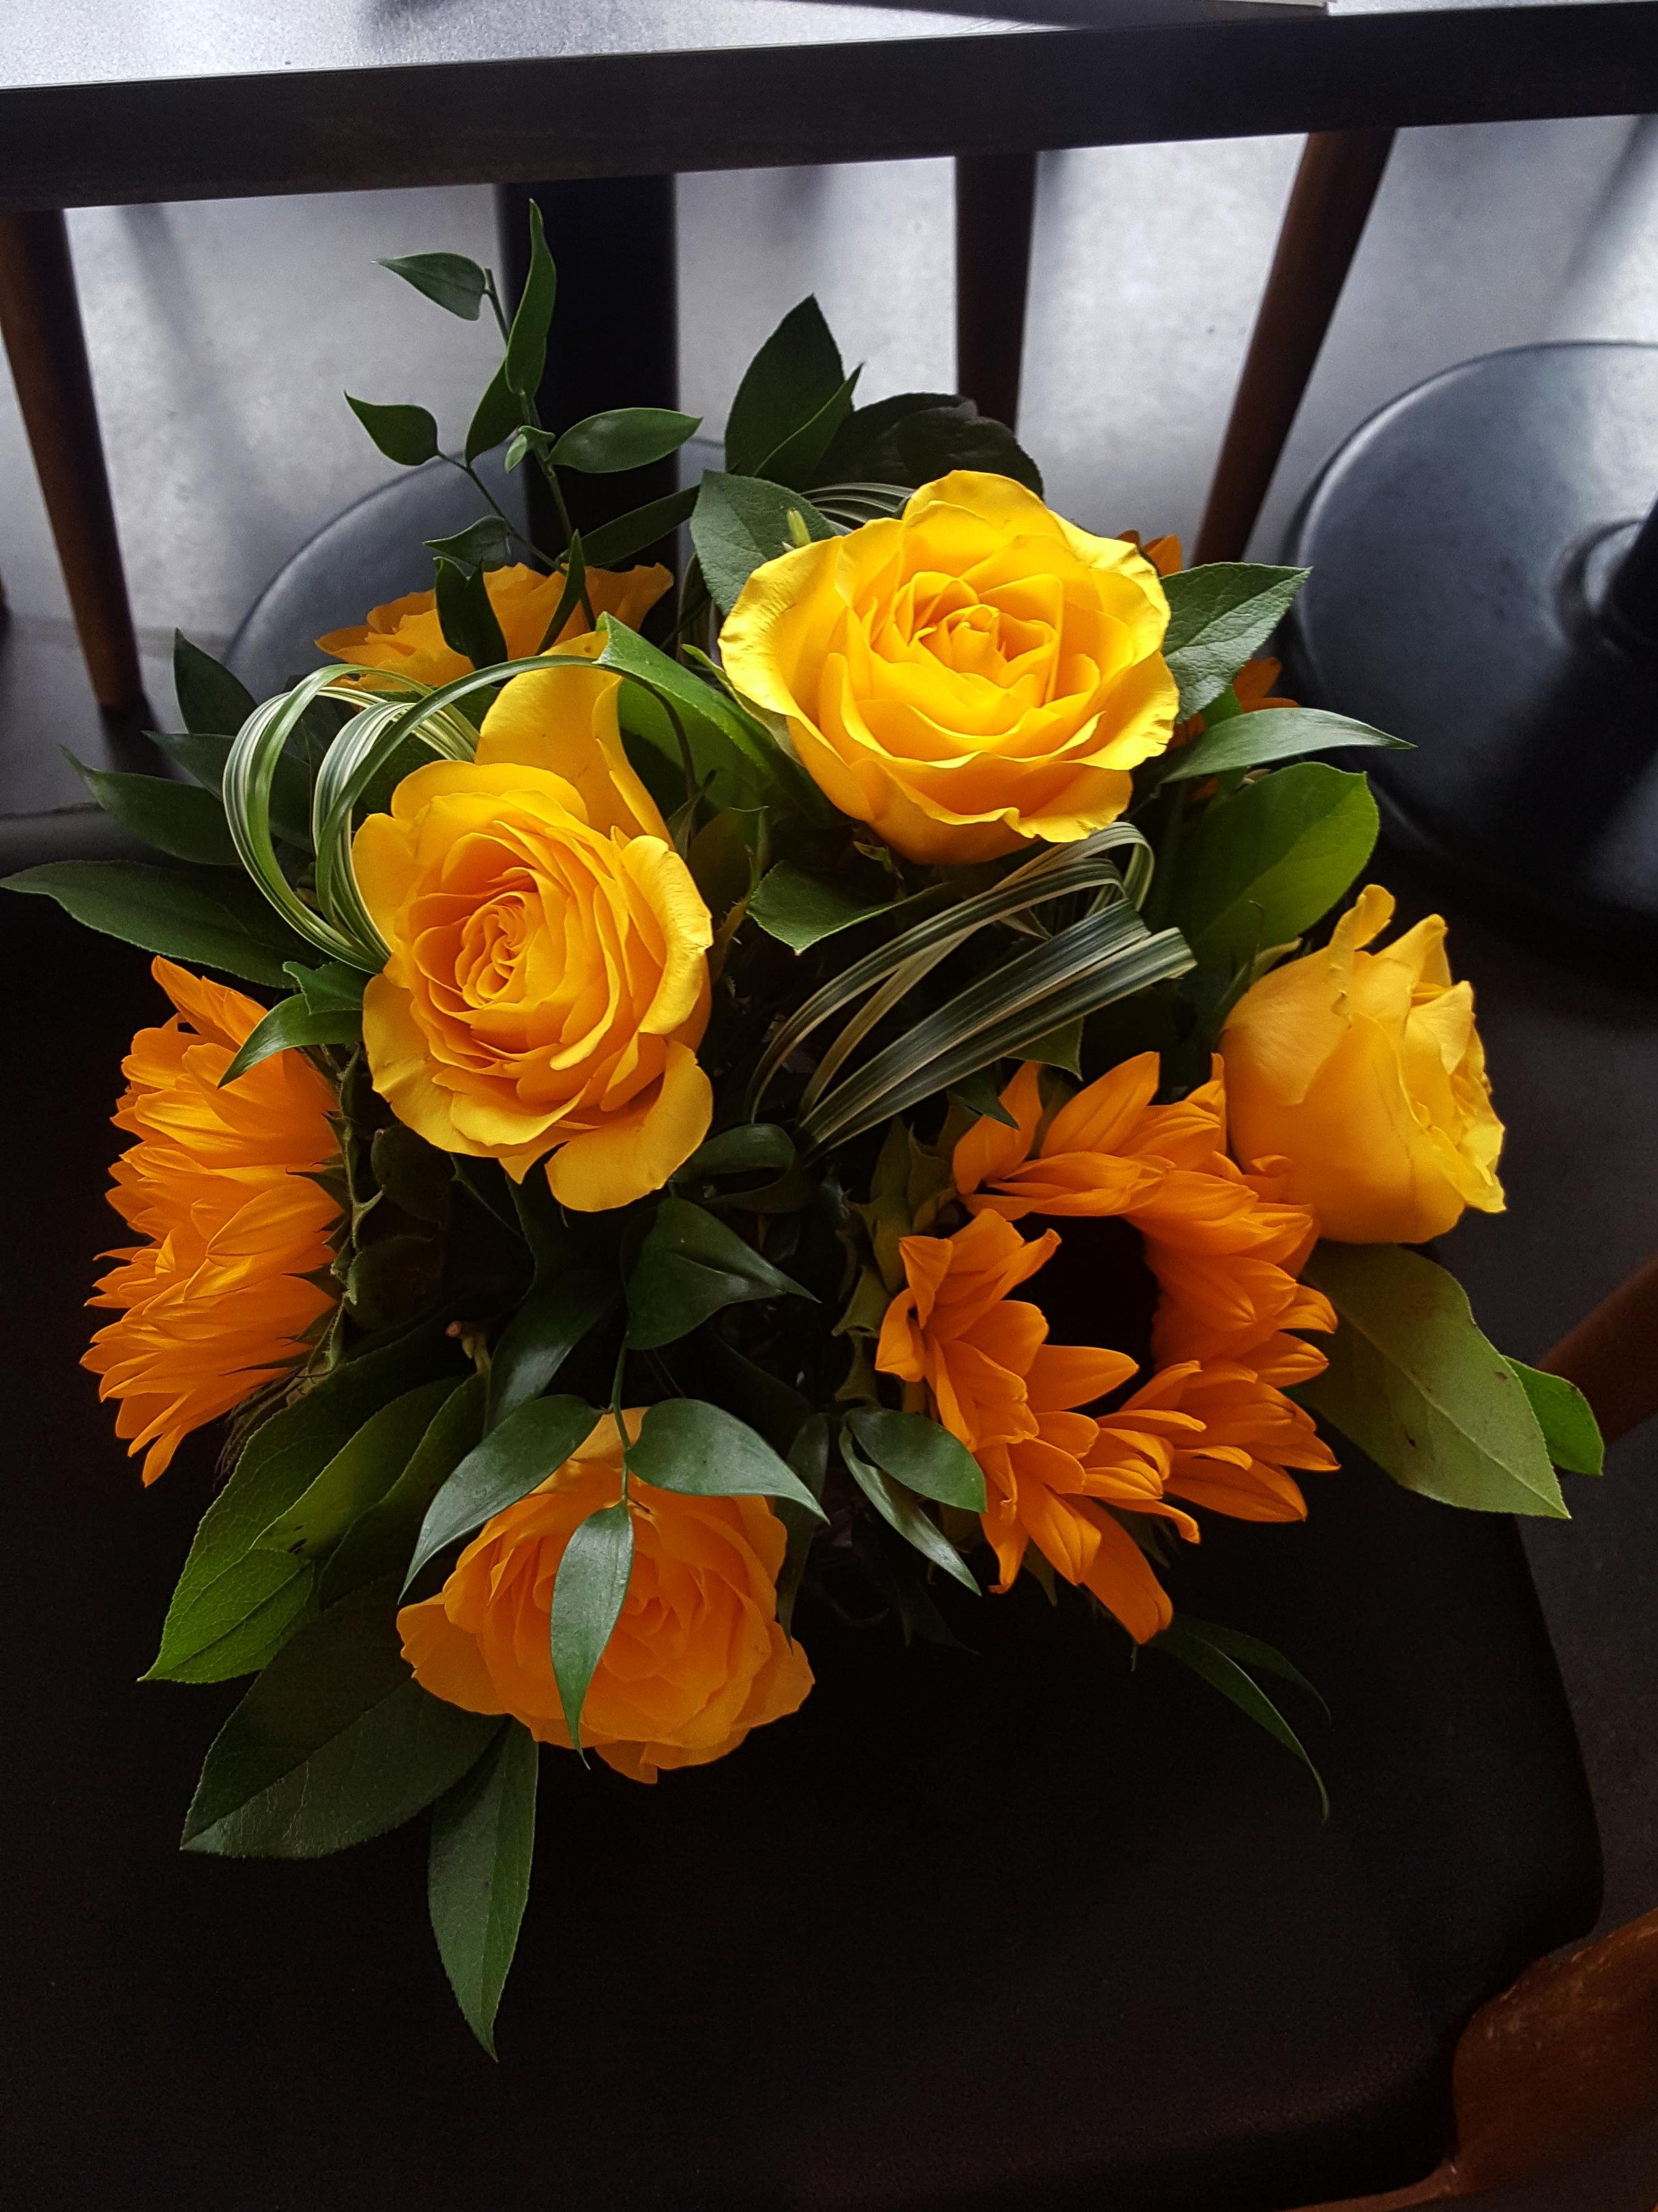 Sunflower & Roses